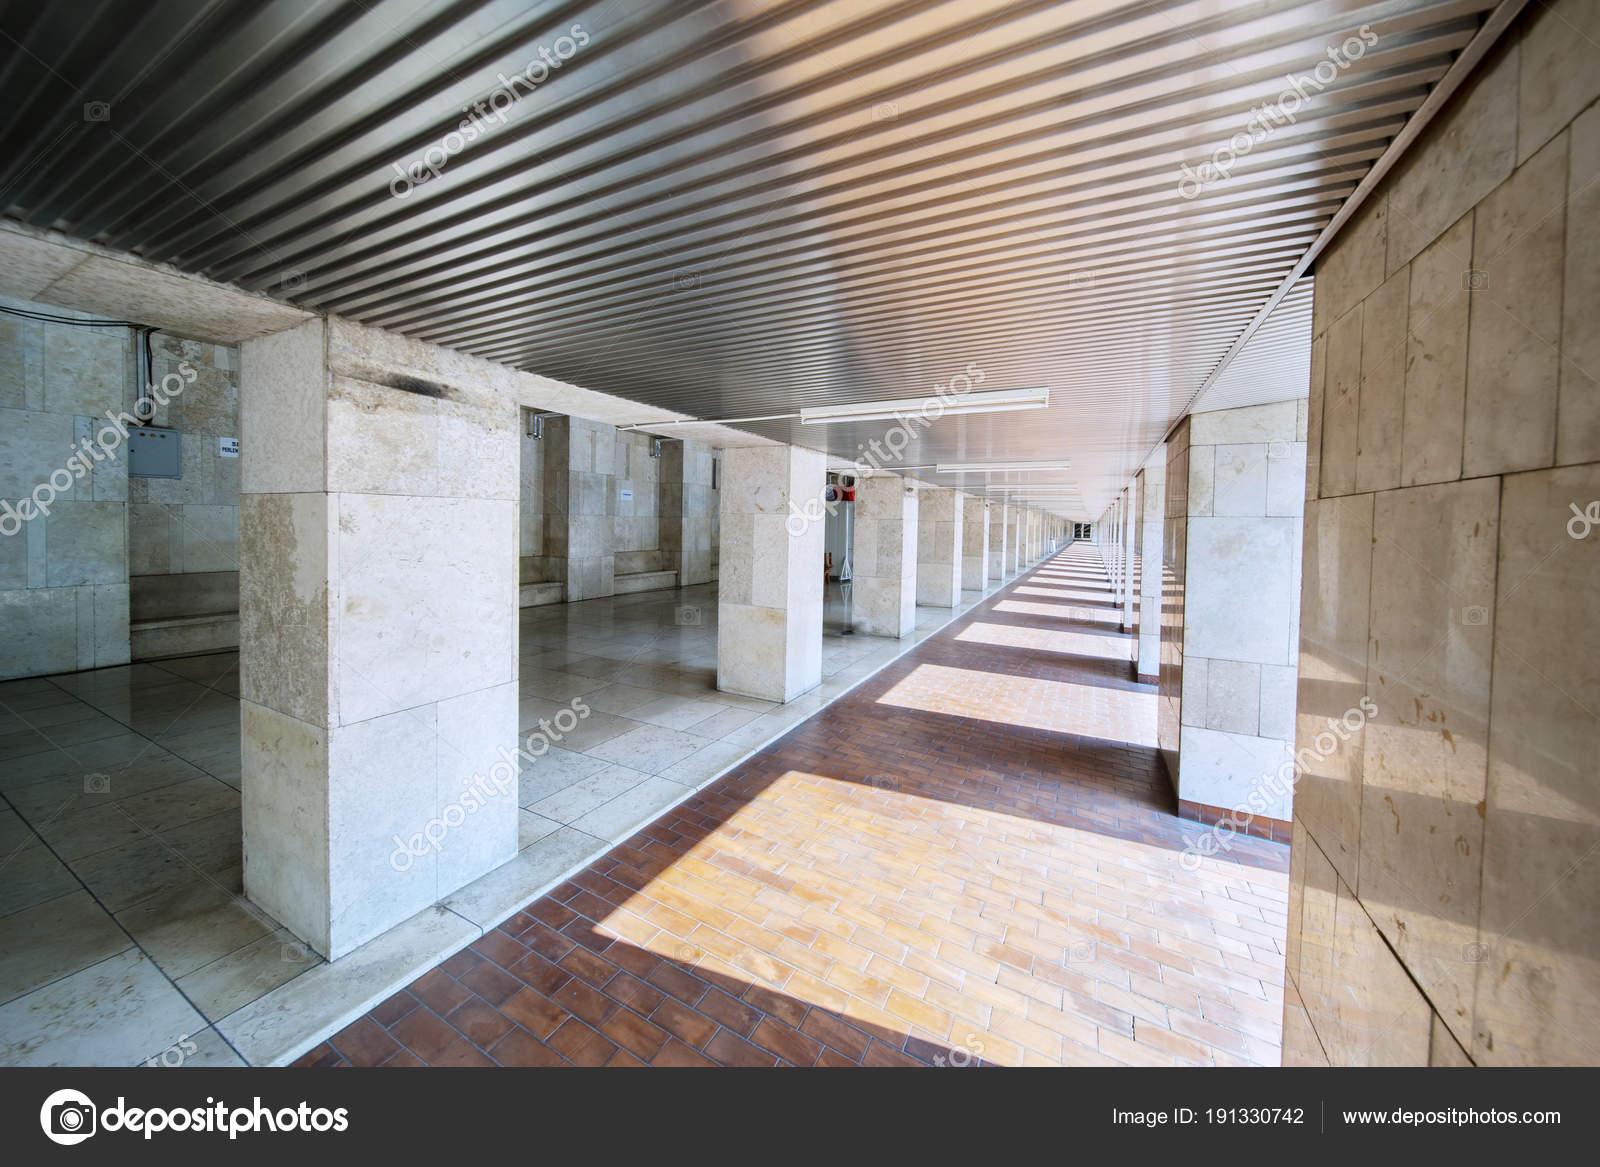 Passage corridor in de istiqlal moskee u2014 stockfoto © realinemedia